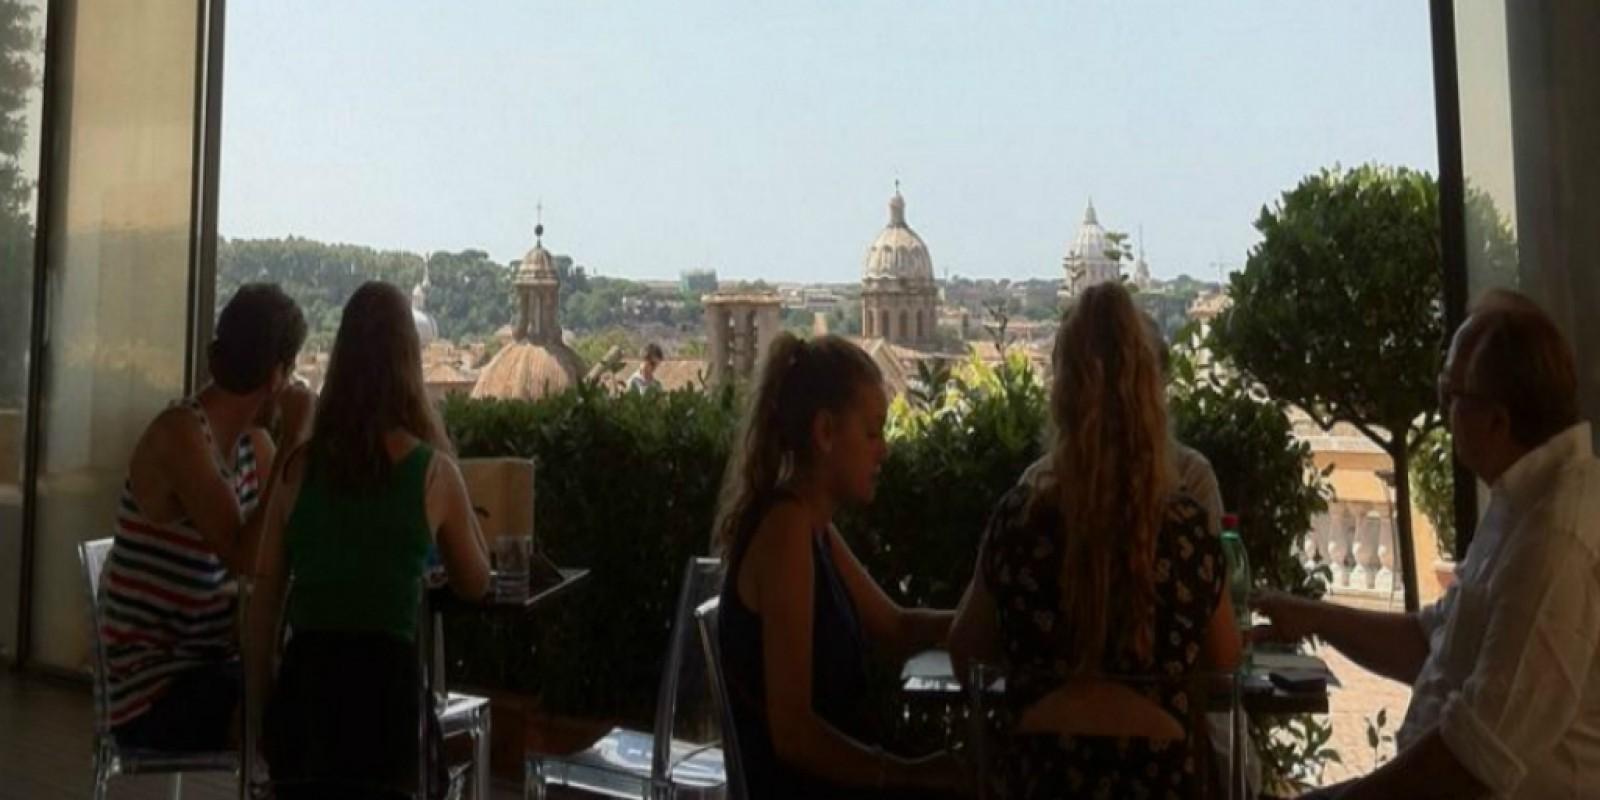 Mangiare al museo: guida alle migliori caffetterie dei musei di Roma